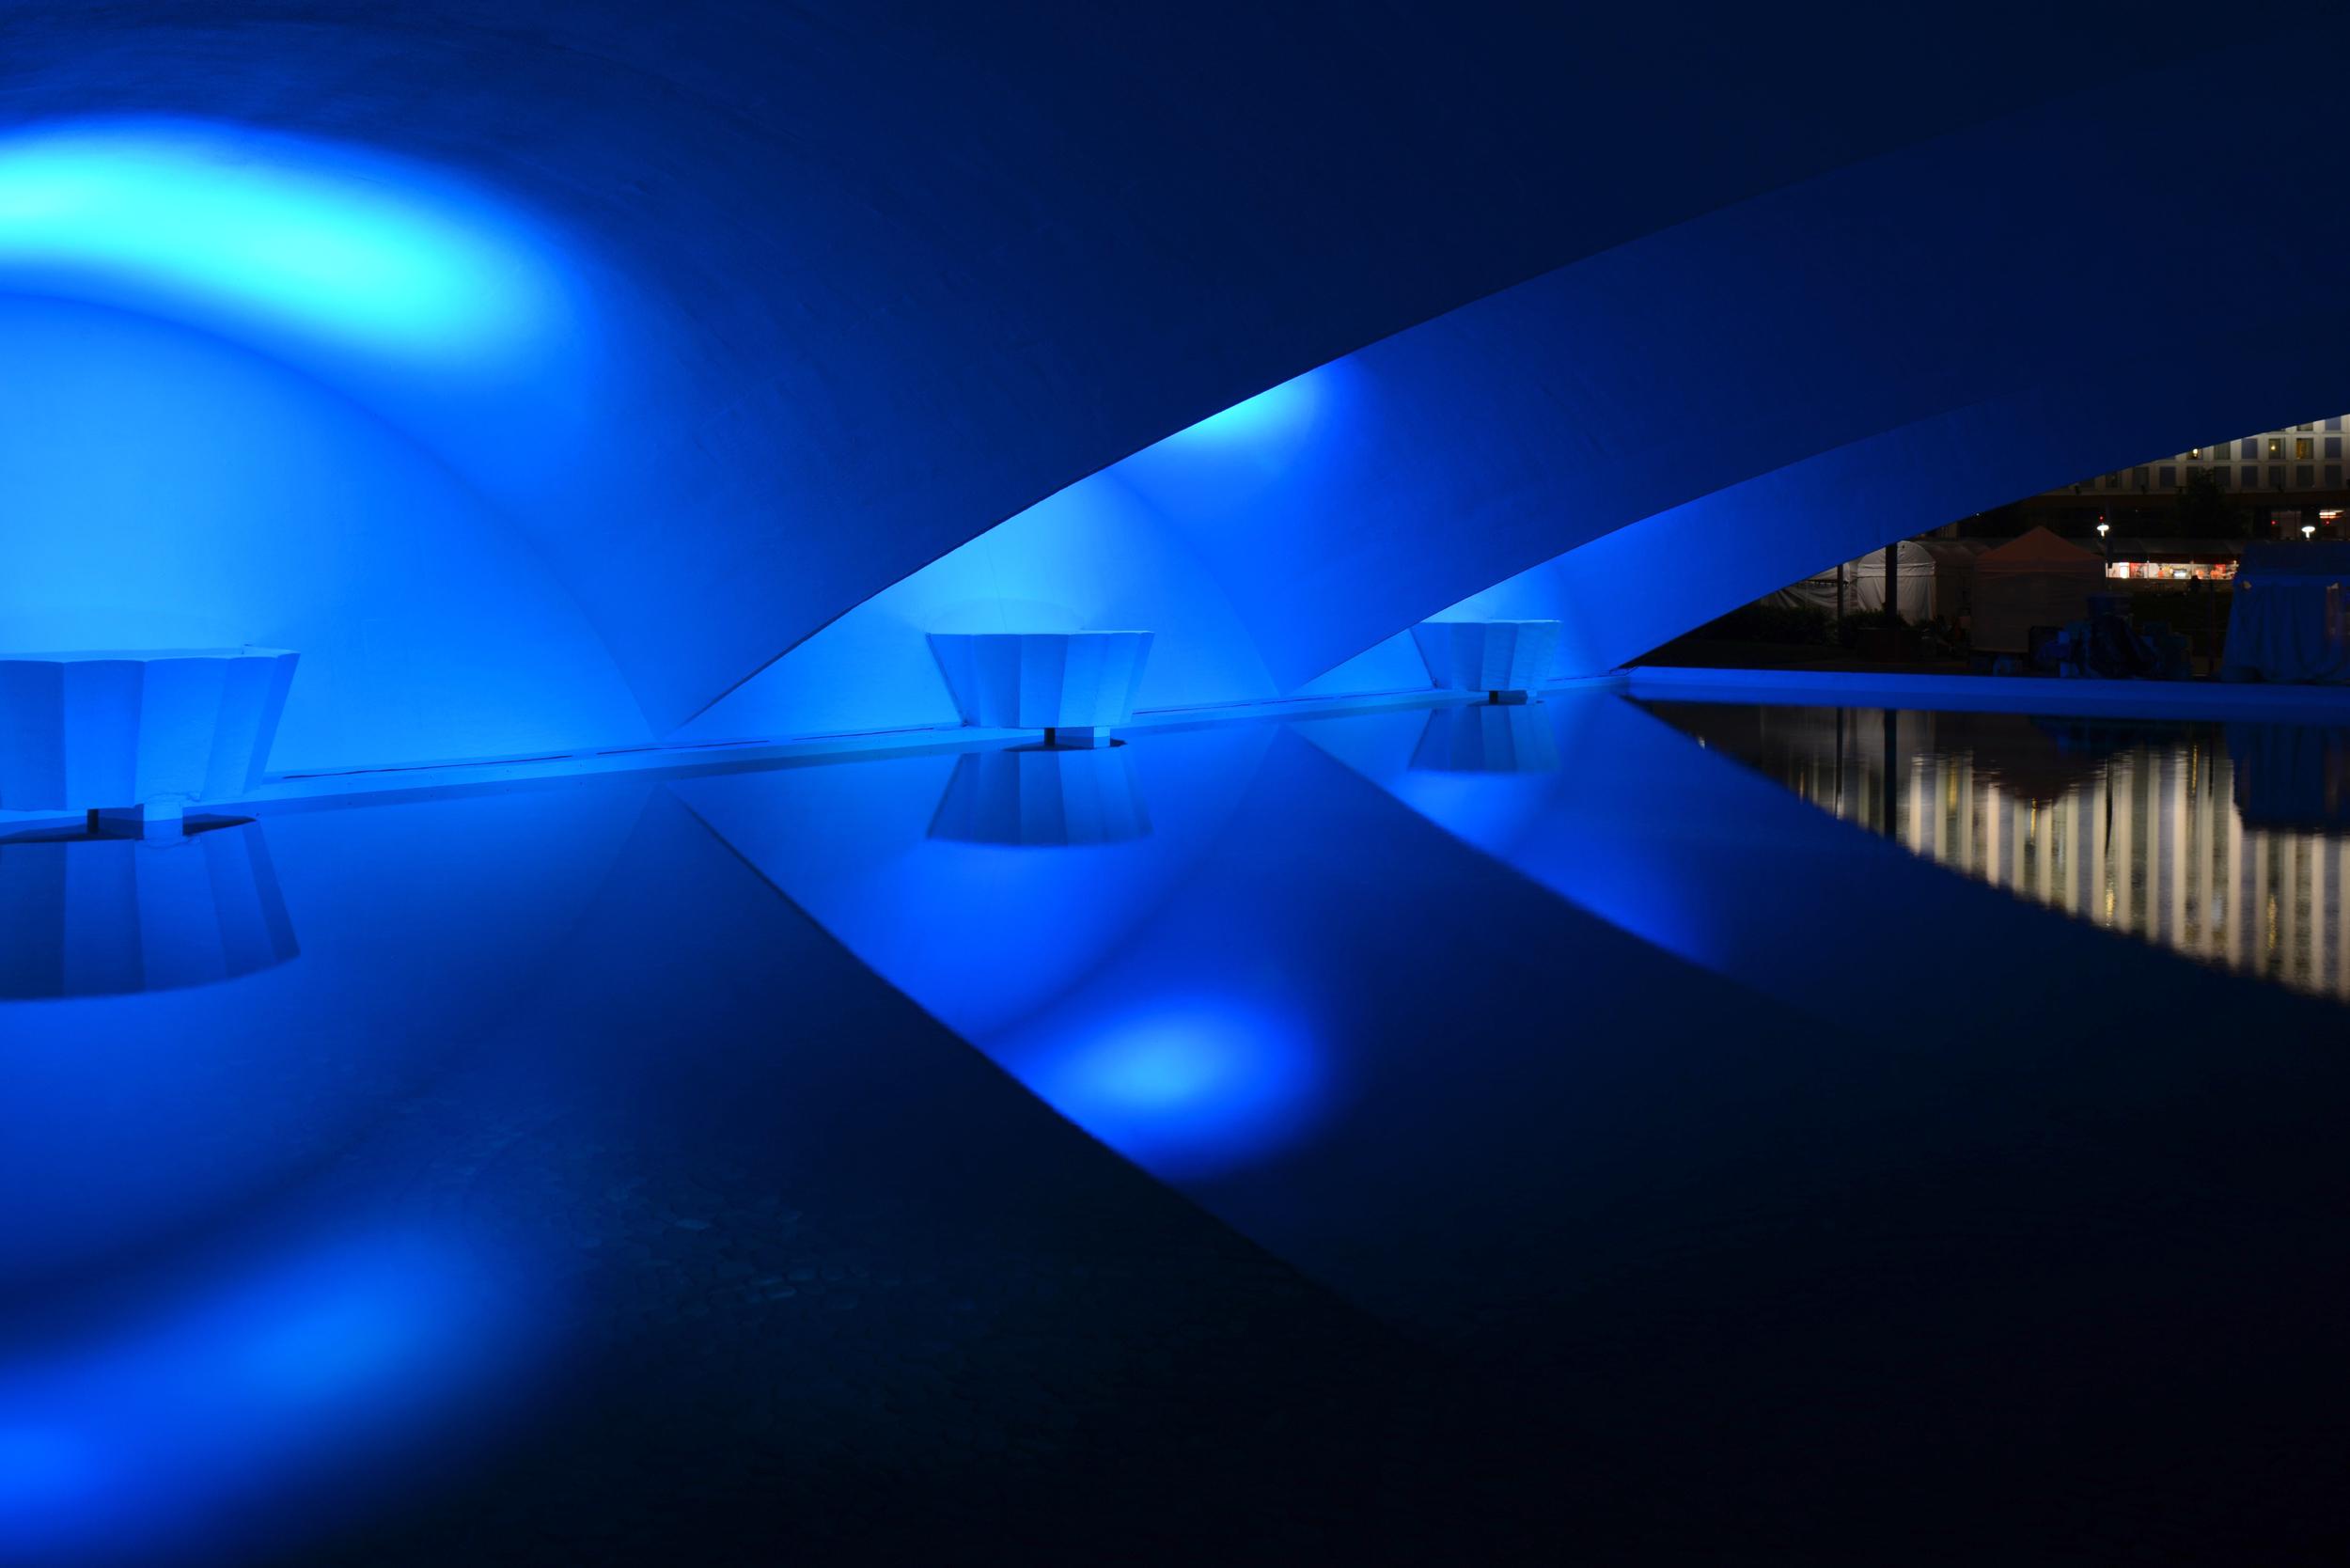 portal bridge blue still 001.jpg